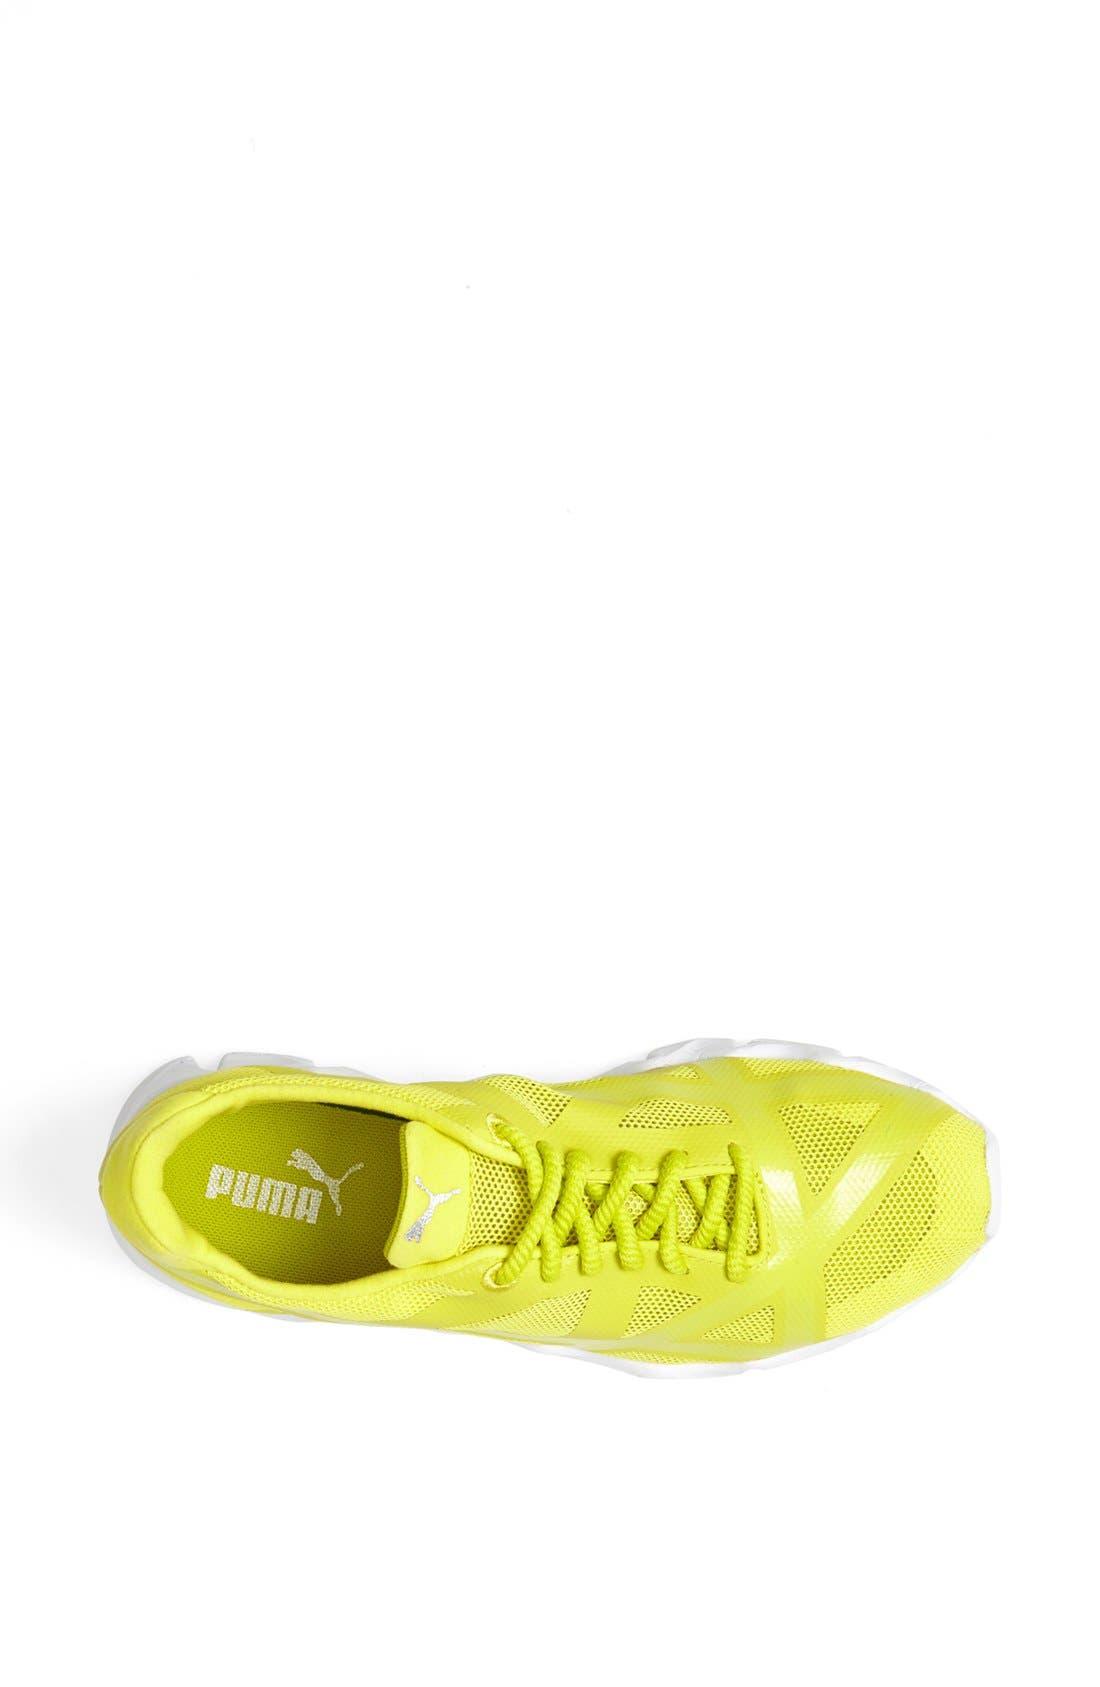 Alternate Image 3  - PUMA 'Axel' Sneaker (Women)